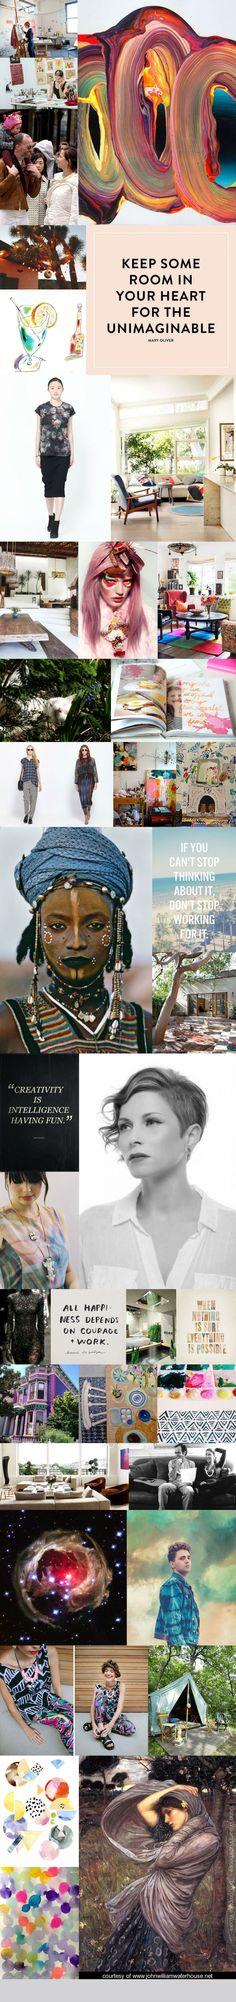 Ma collection d'images, carte créée via le projet www.lavieestfascinante.com #lavieestfascinante #inspiration #vision #imagination